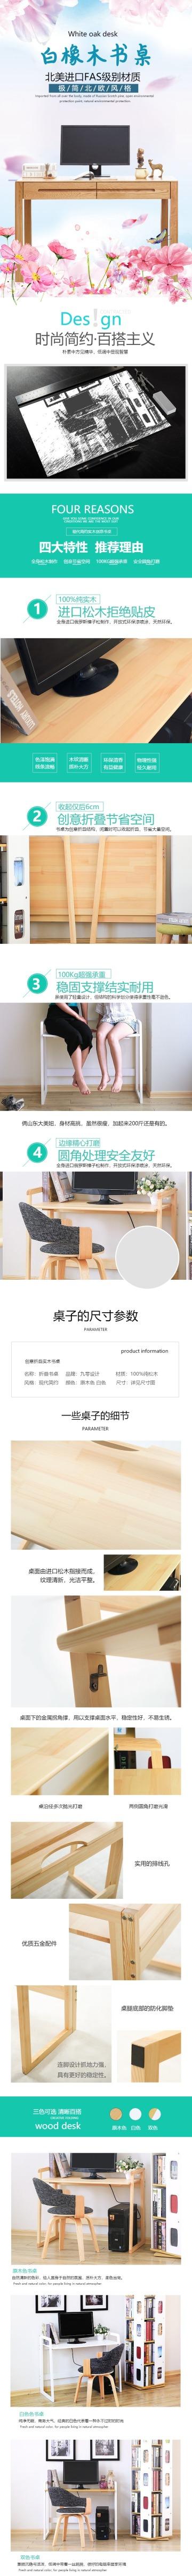 时尚简约书桌电商详情页